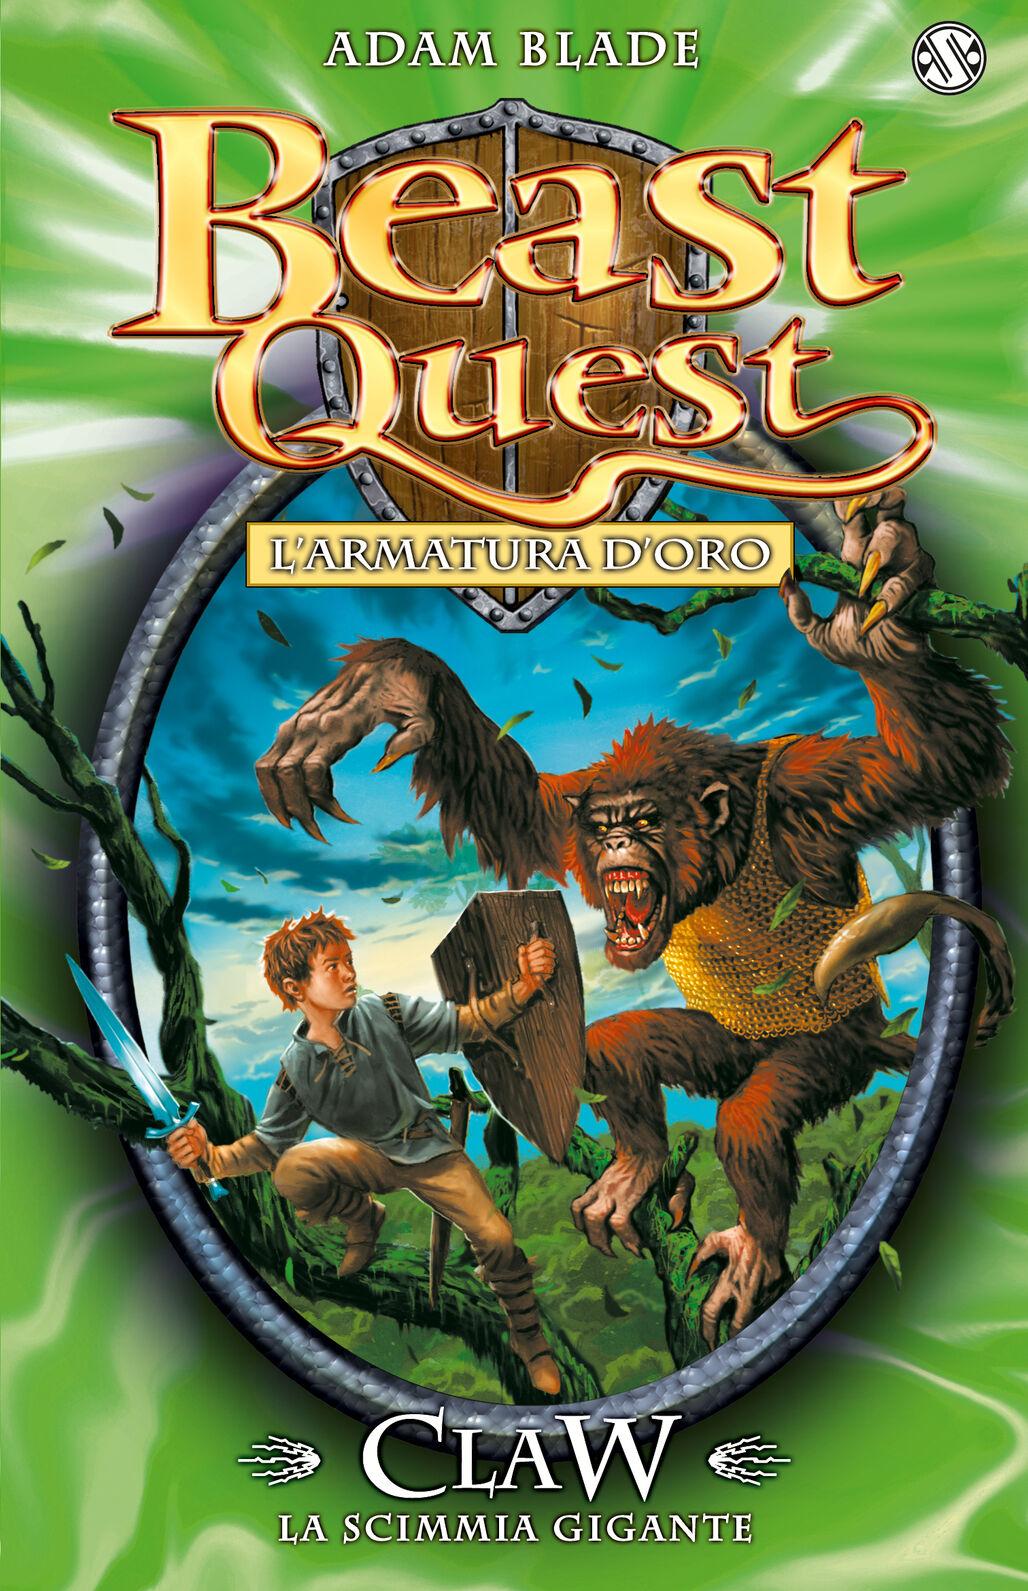 Claw. La scimmia gigante. L'armatura d'oro. Beast Quest. Vol. 8